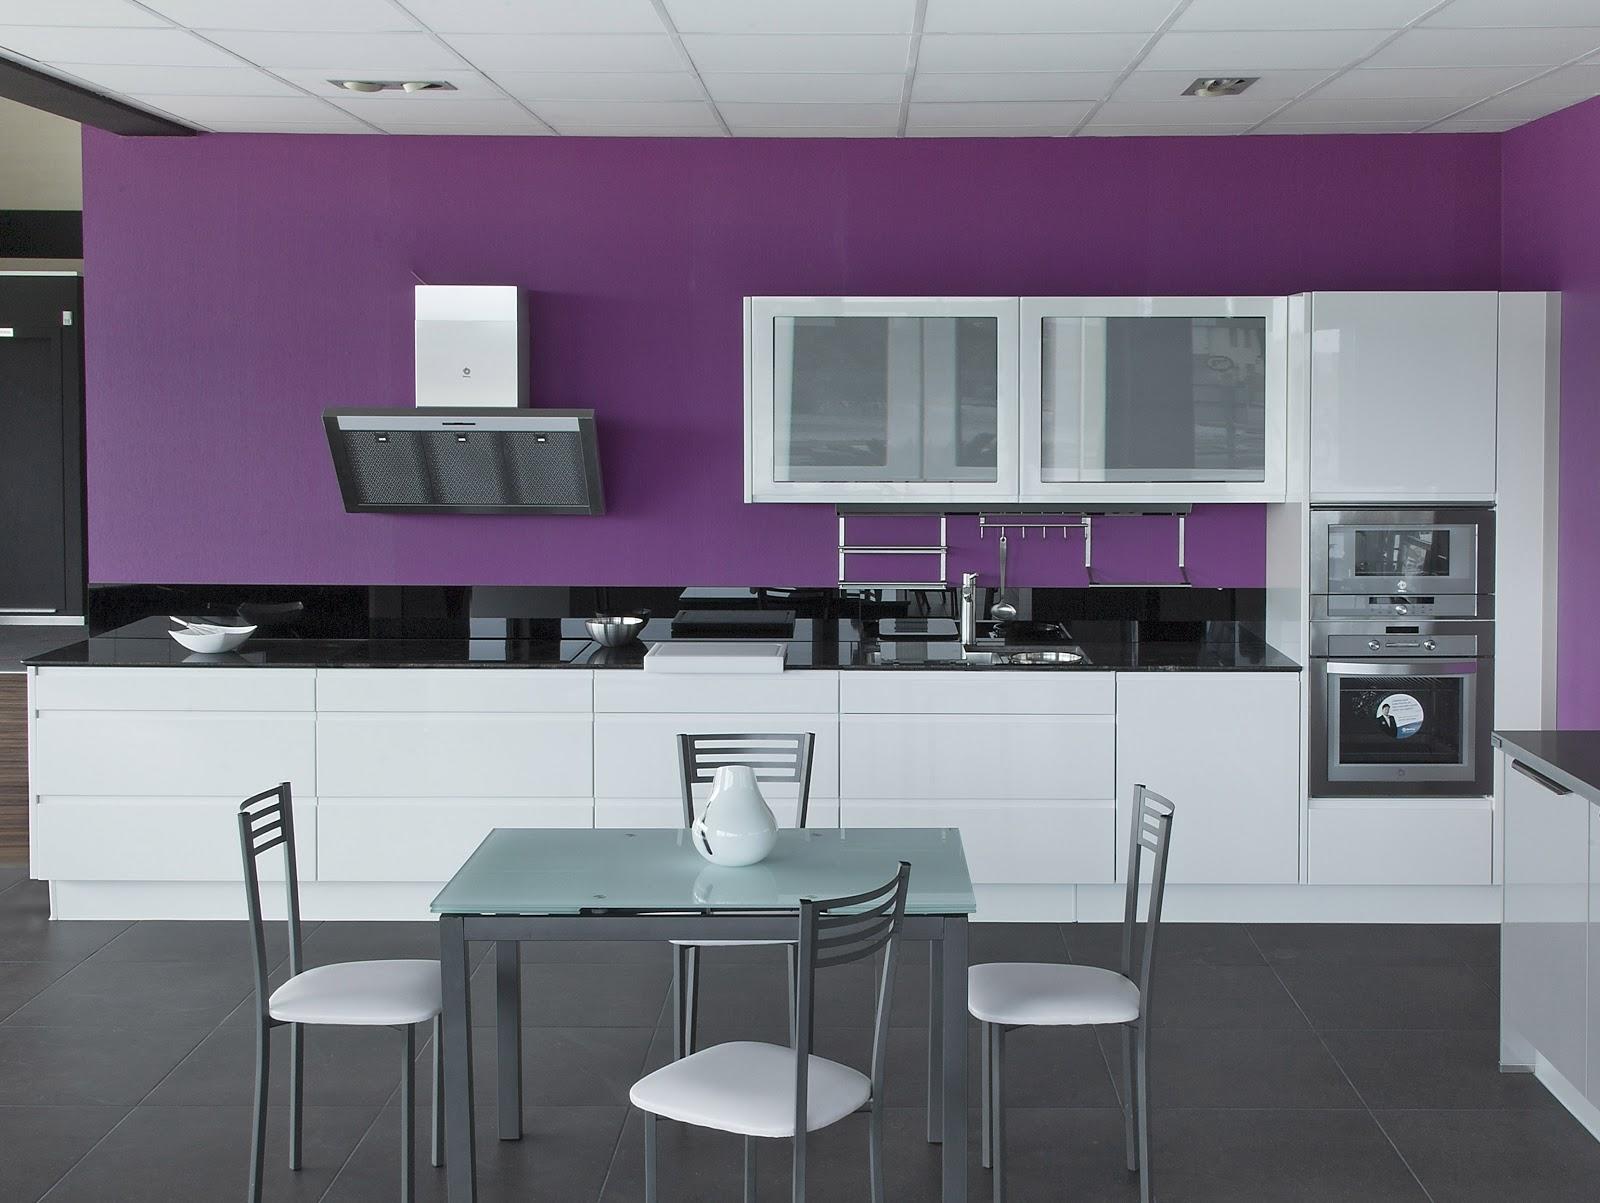 Reddy cocinas gandia valencia renovacion total de - Muebles de cocina en valencia ...